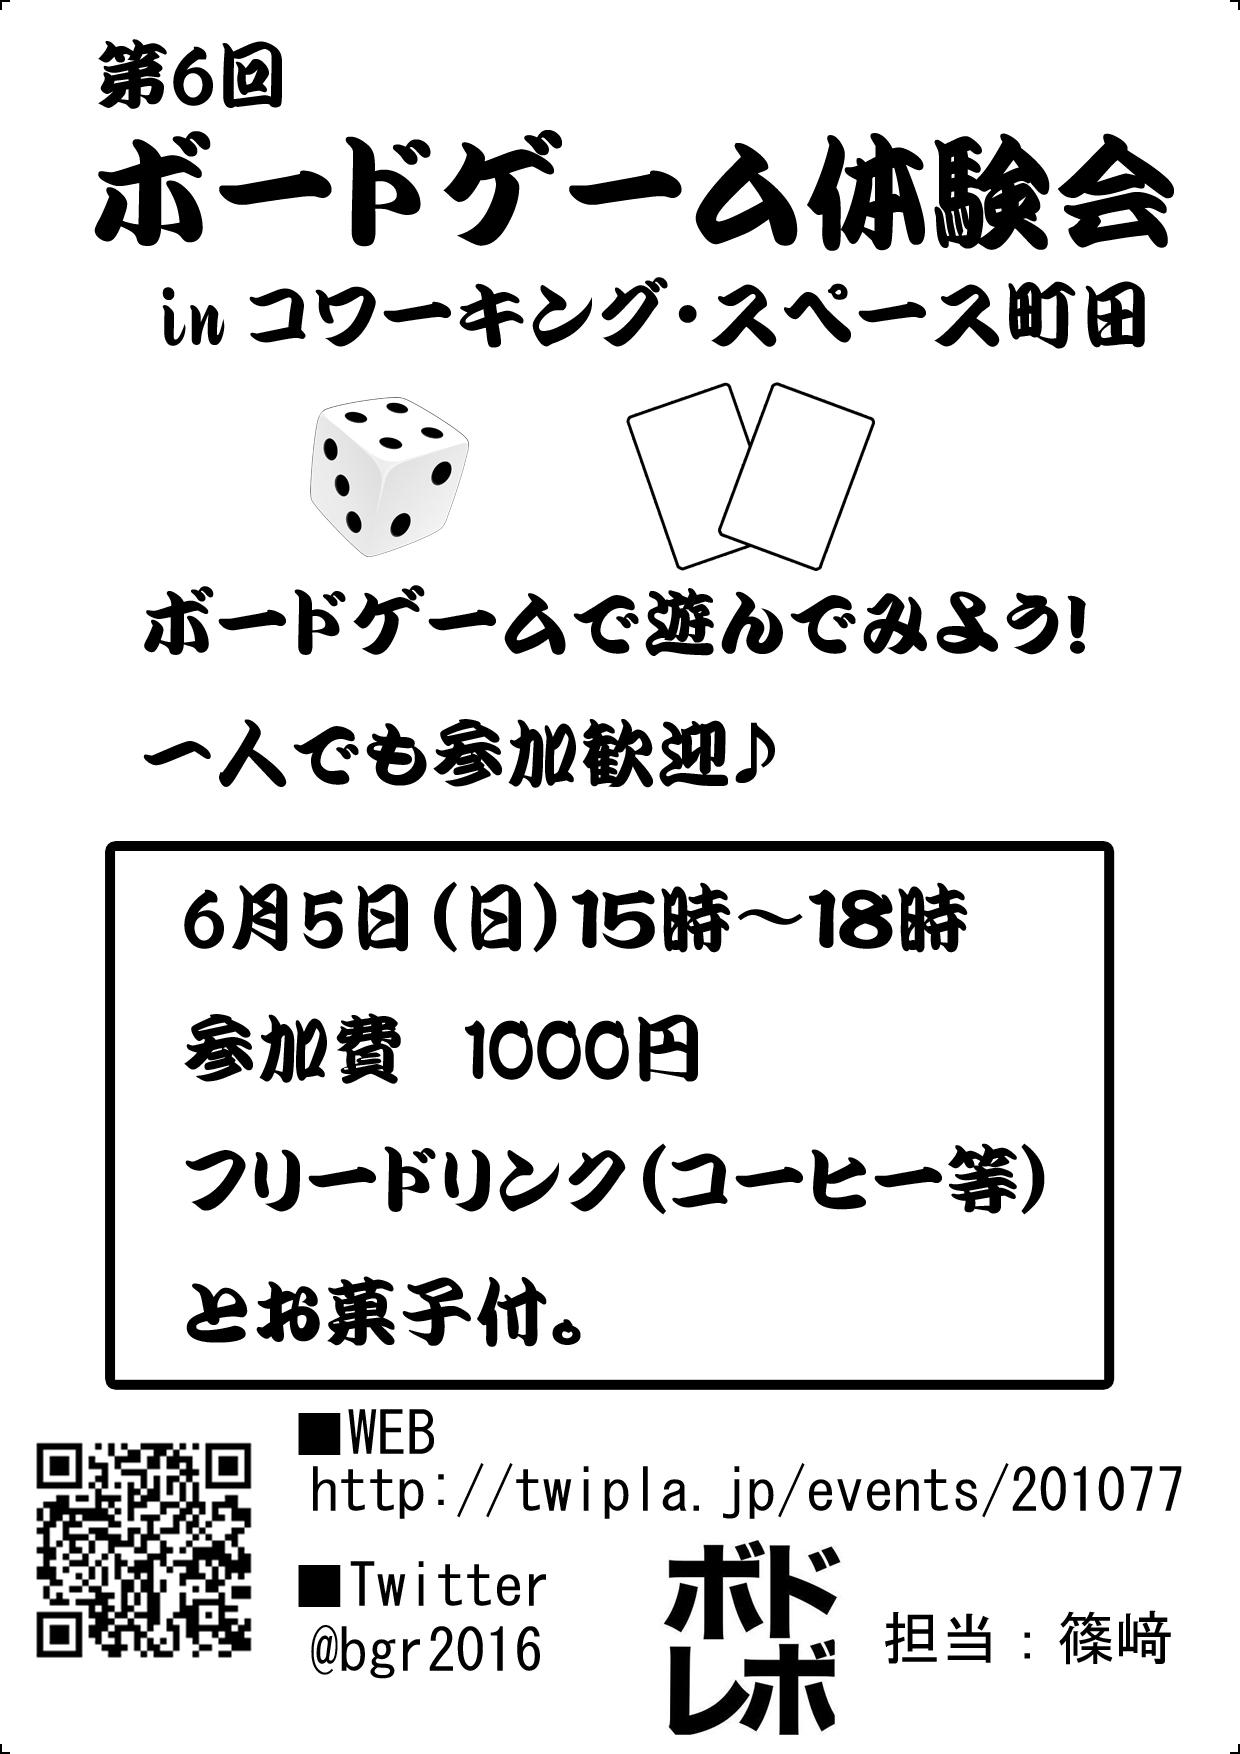 6BGT.jpg